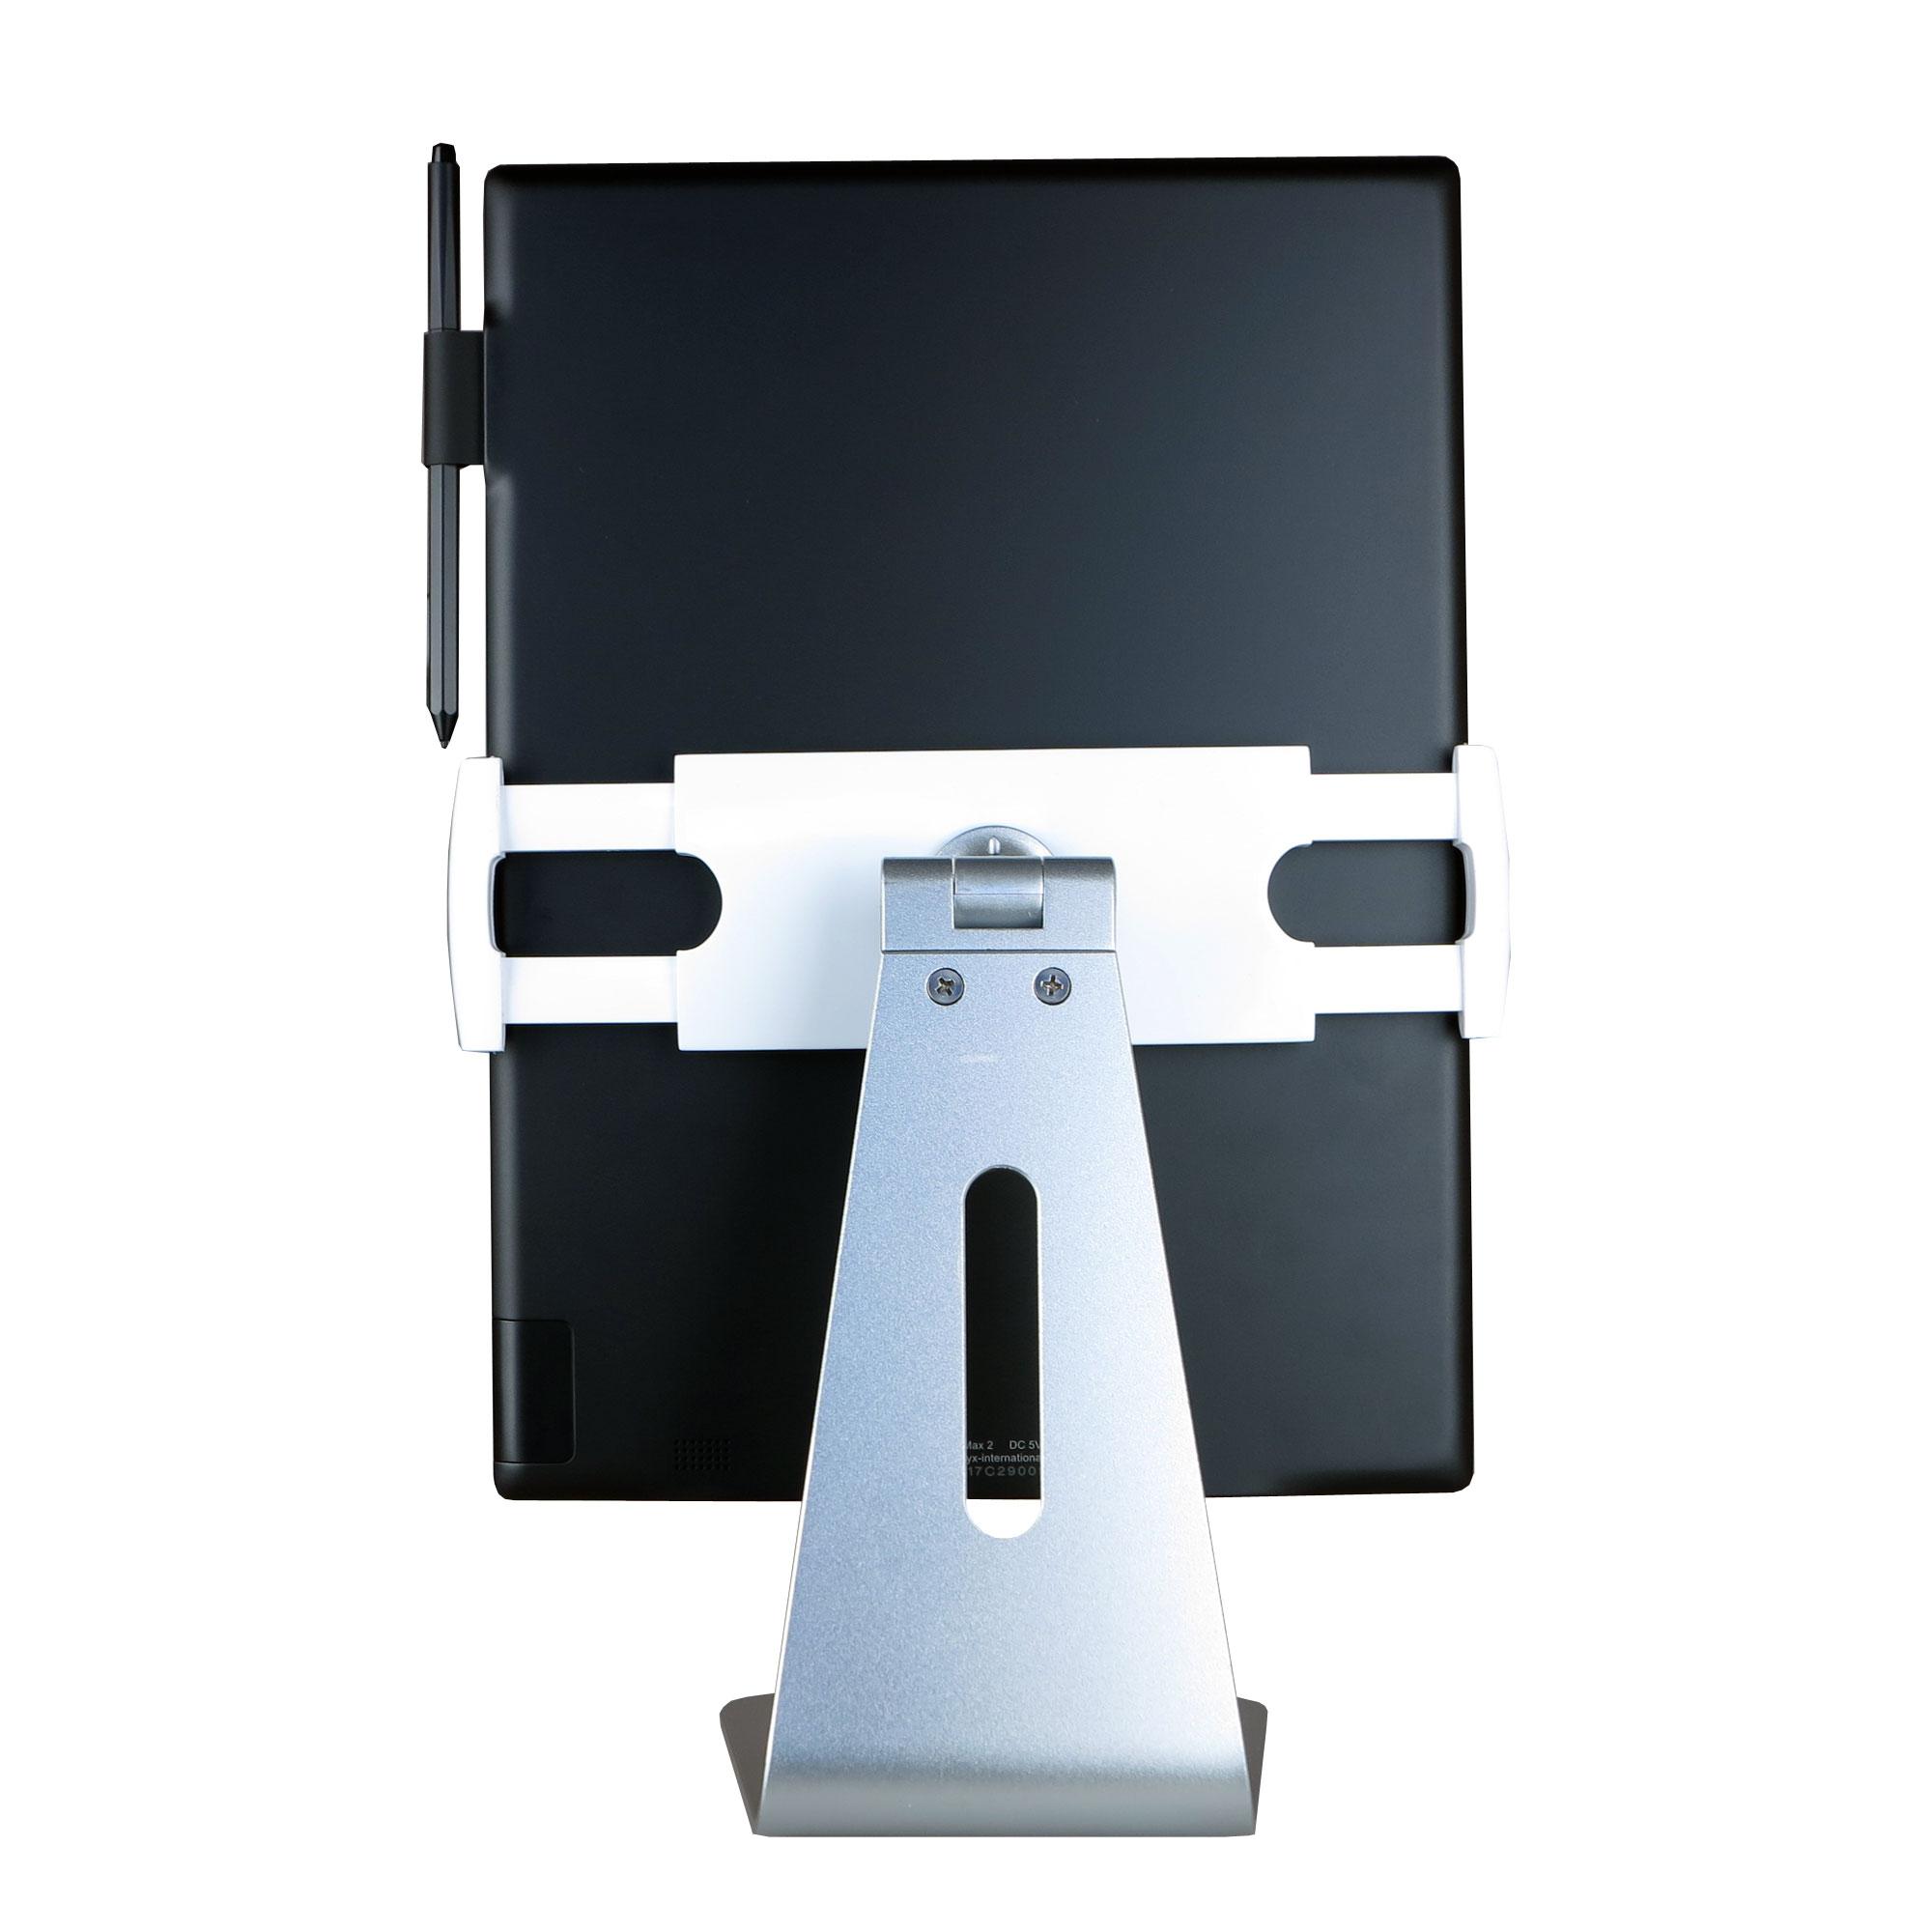 Огромный ридер Onyx Boox Max 2 можно использовать как монитор